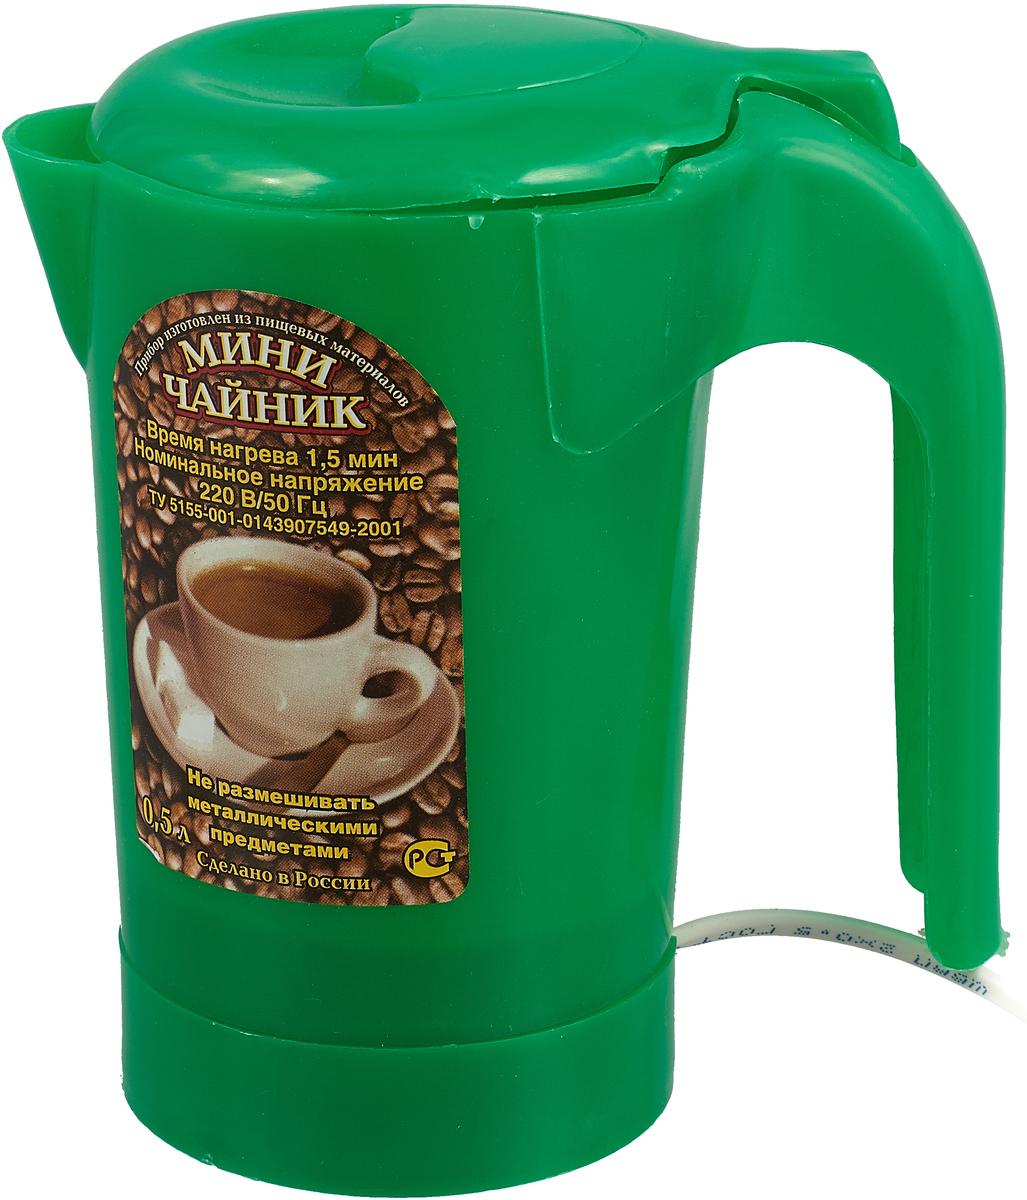 Zimber ZM-1235 электрический чайник, цвет: светло-зеленый